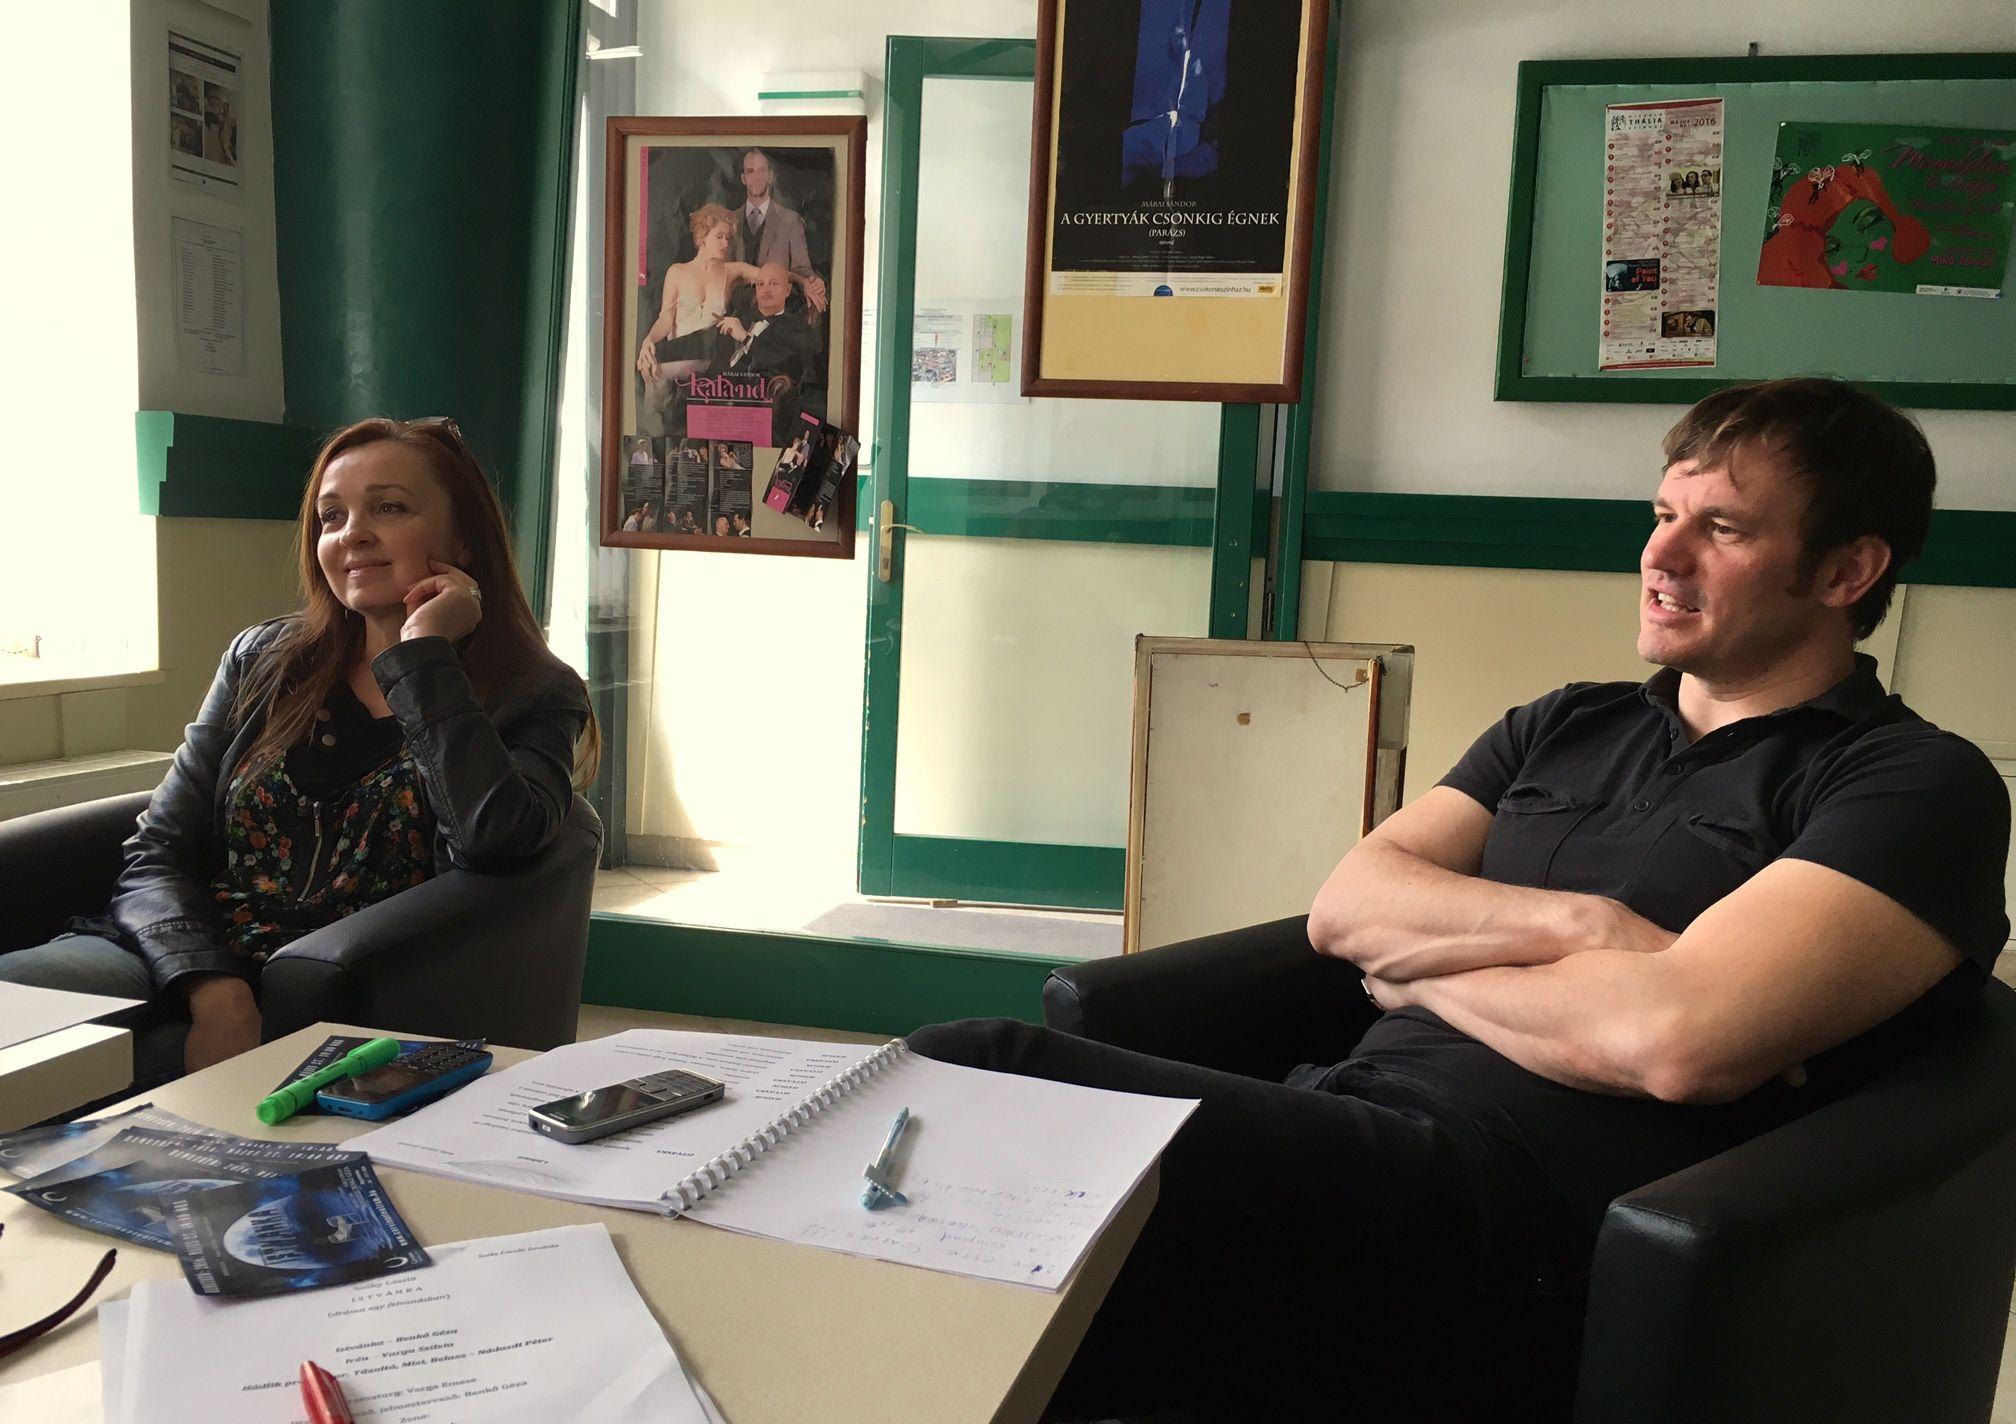 Varga Szilvia és Nádasdi Péter az olvasópróbán (Fotó: Bárány János)